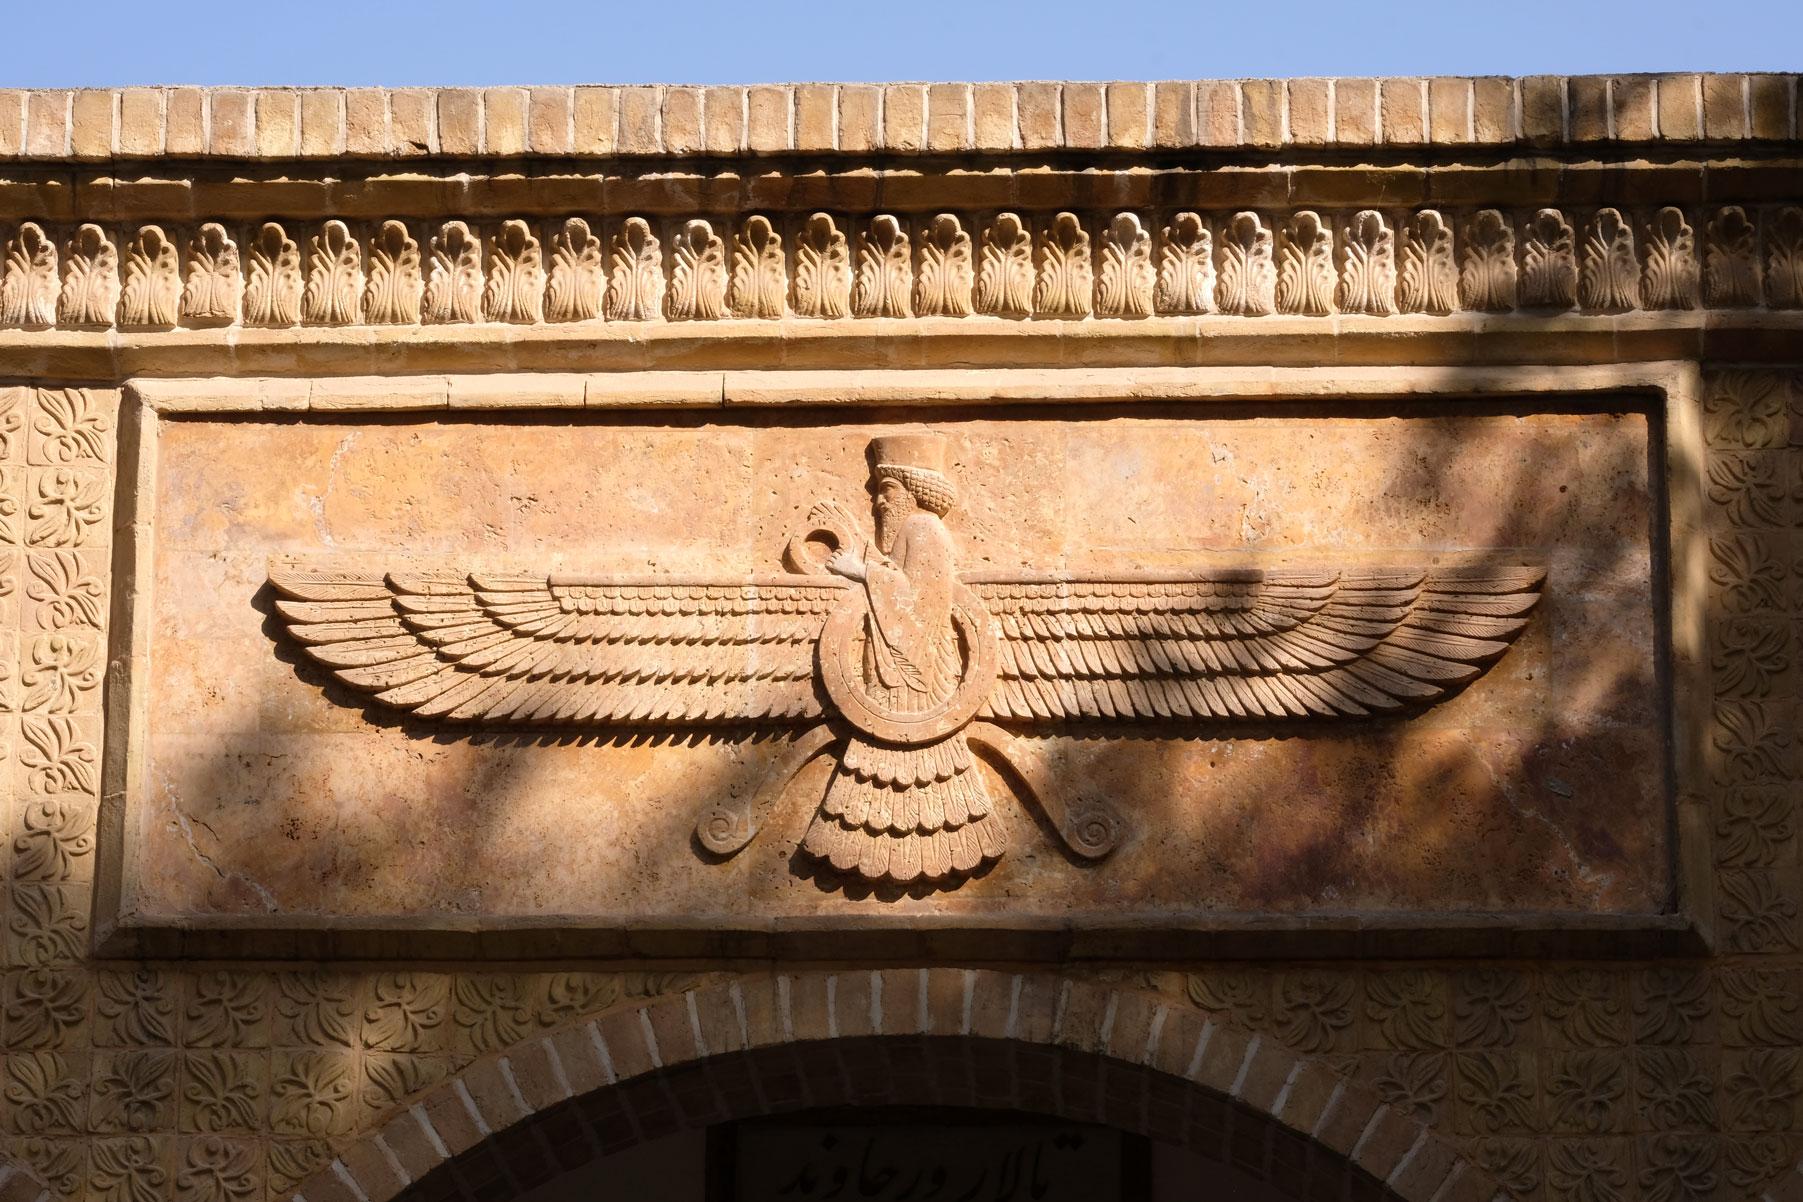 Darstellung des Ahura Mazda, Schöpfergott der Zoroastrier, am Sonnentempel in Yazd